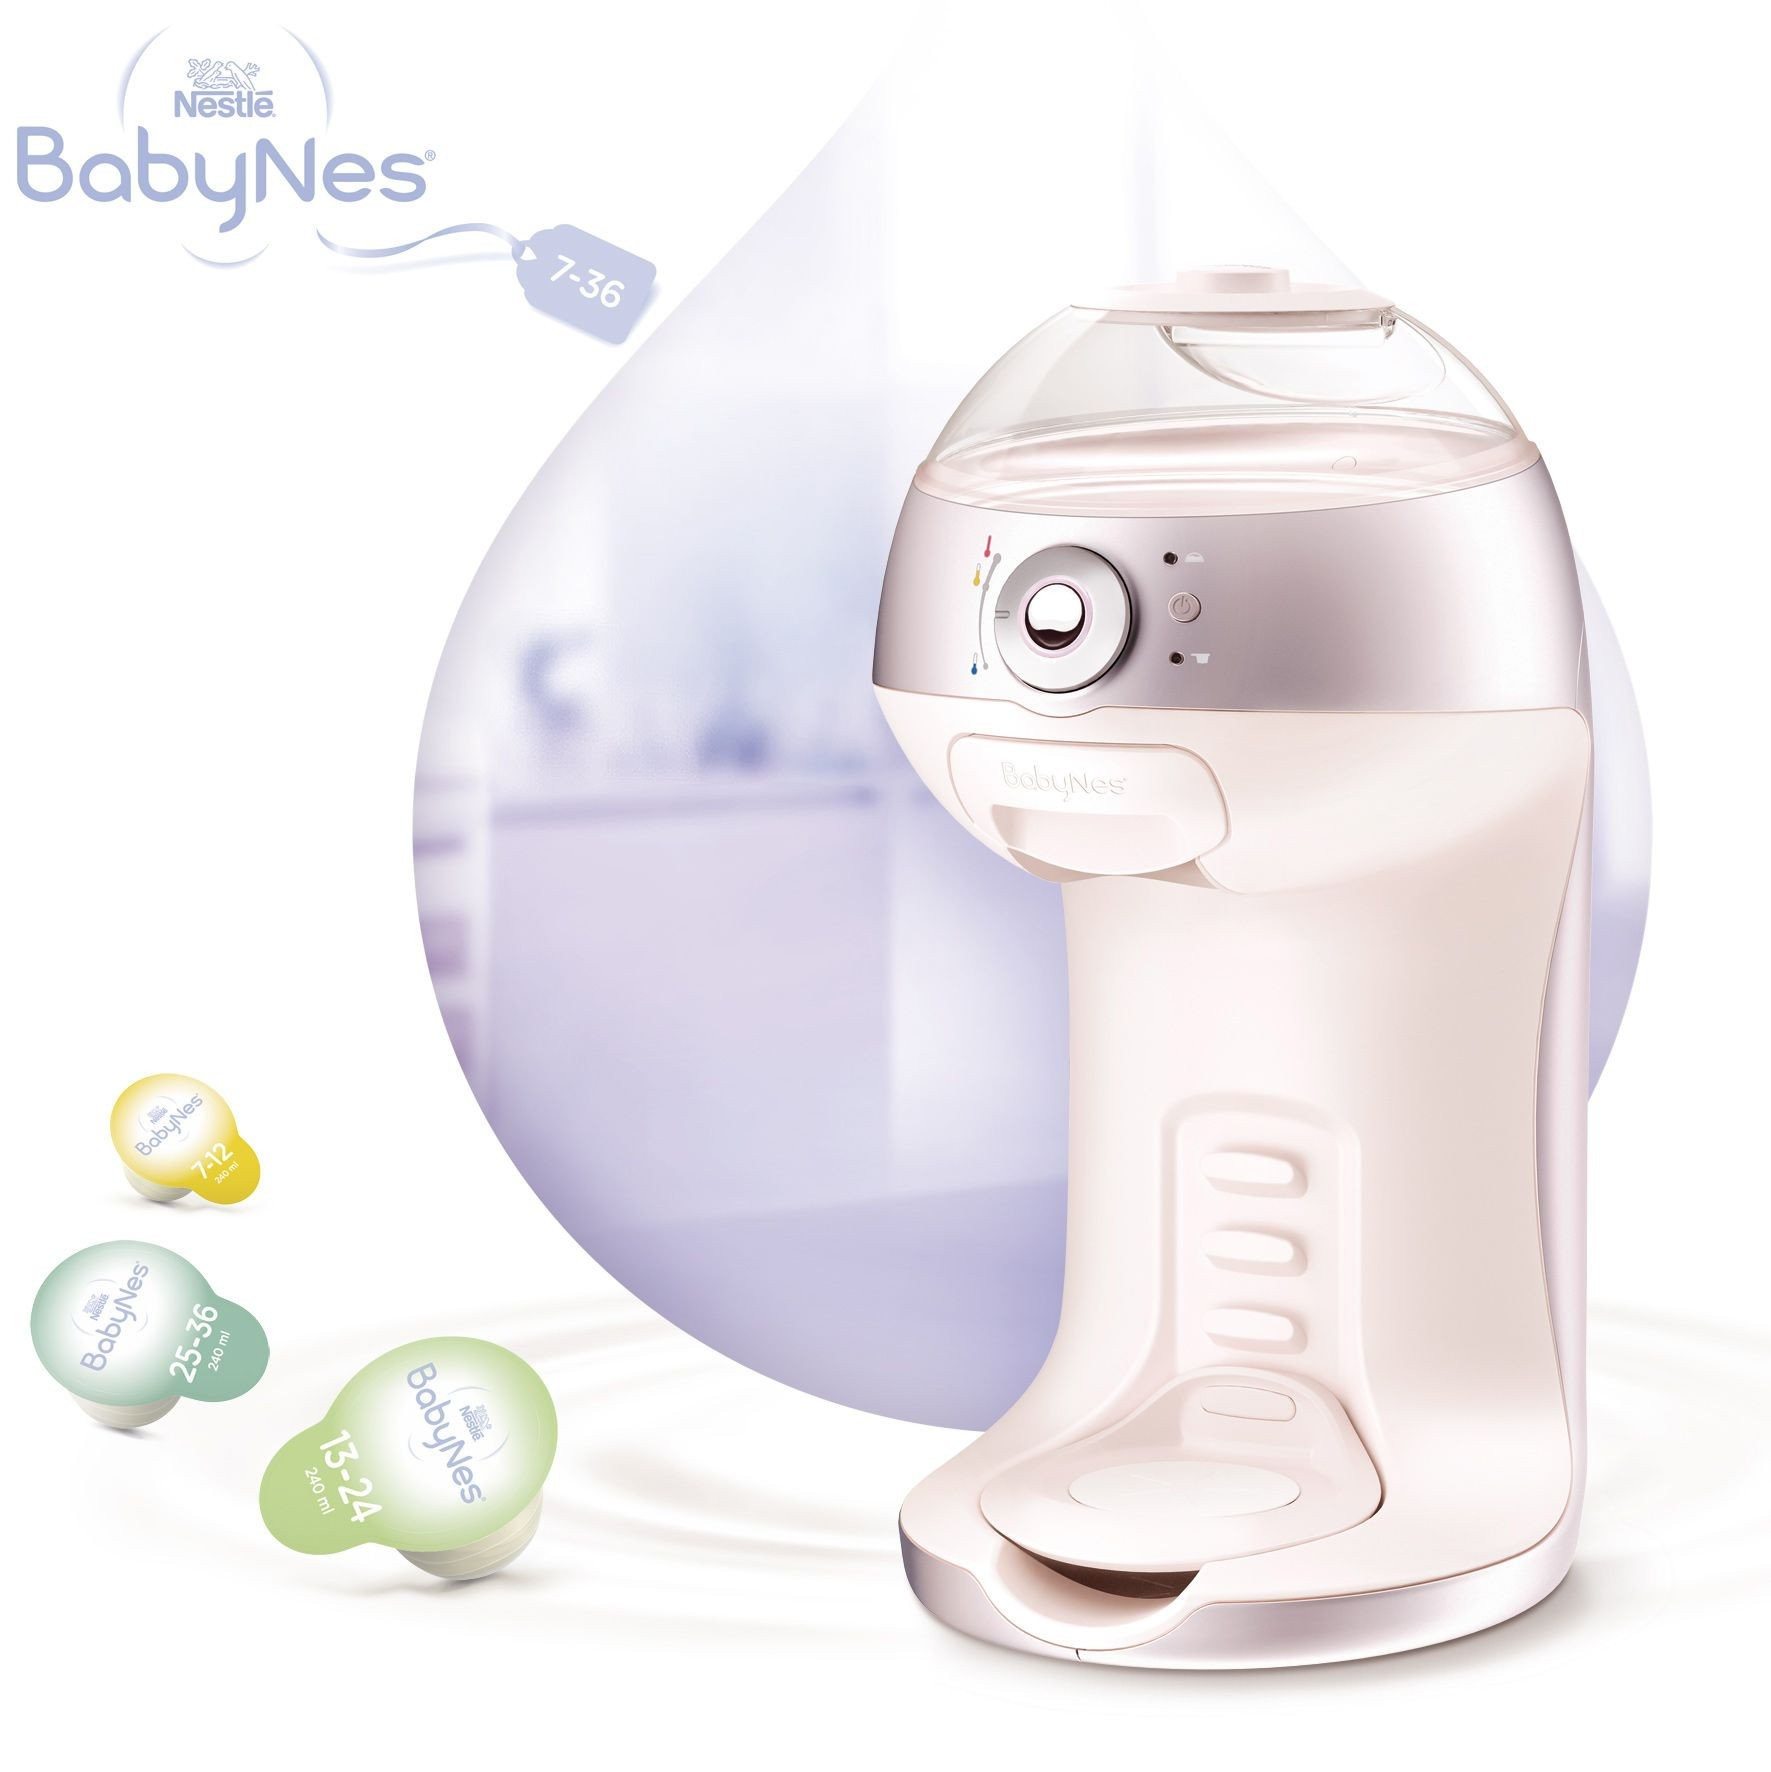 Le test de la machine BabyNes de Nestlé